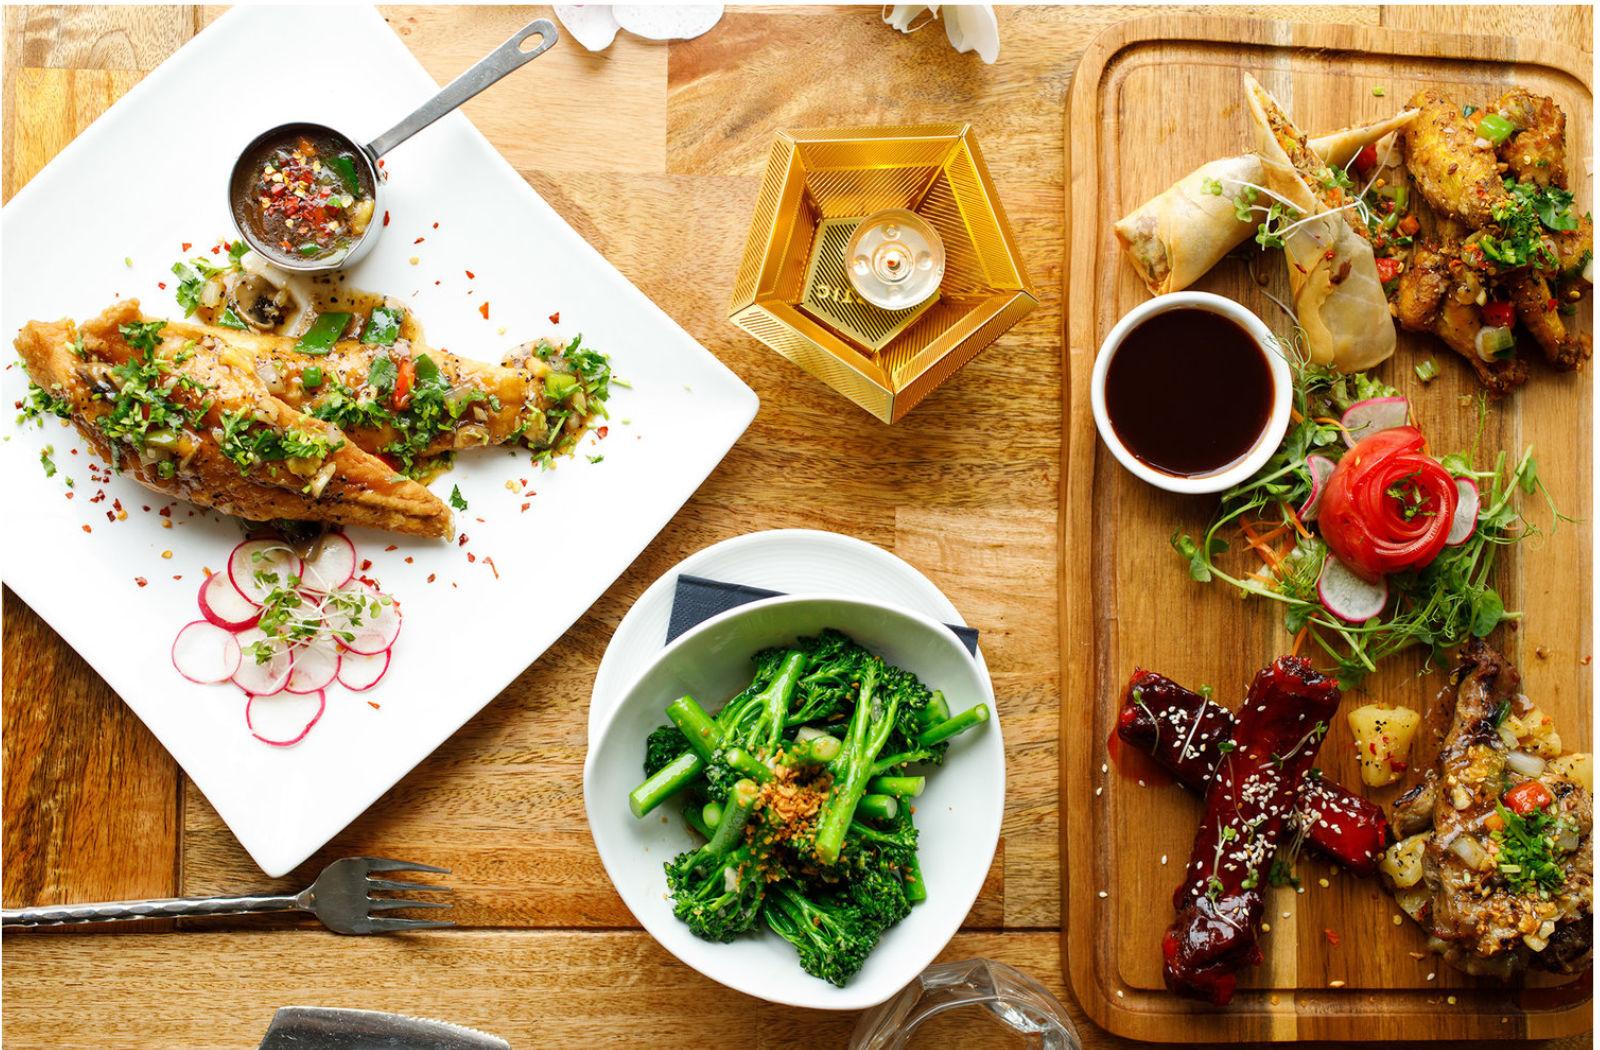 Seabass-and-meat-platter-sabai-sabai-thia-restaurant-birmingham.jpg